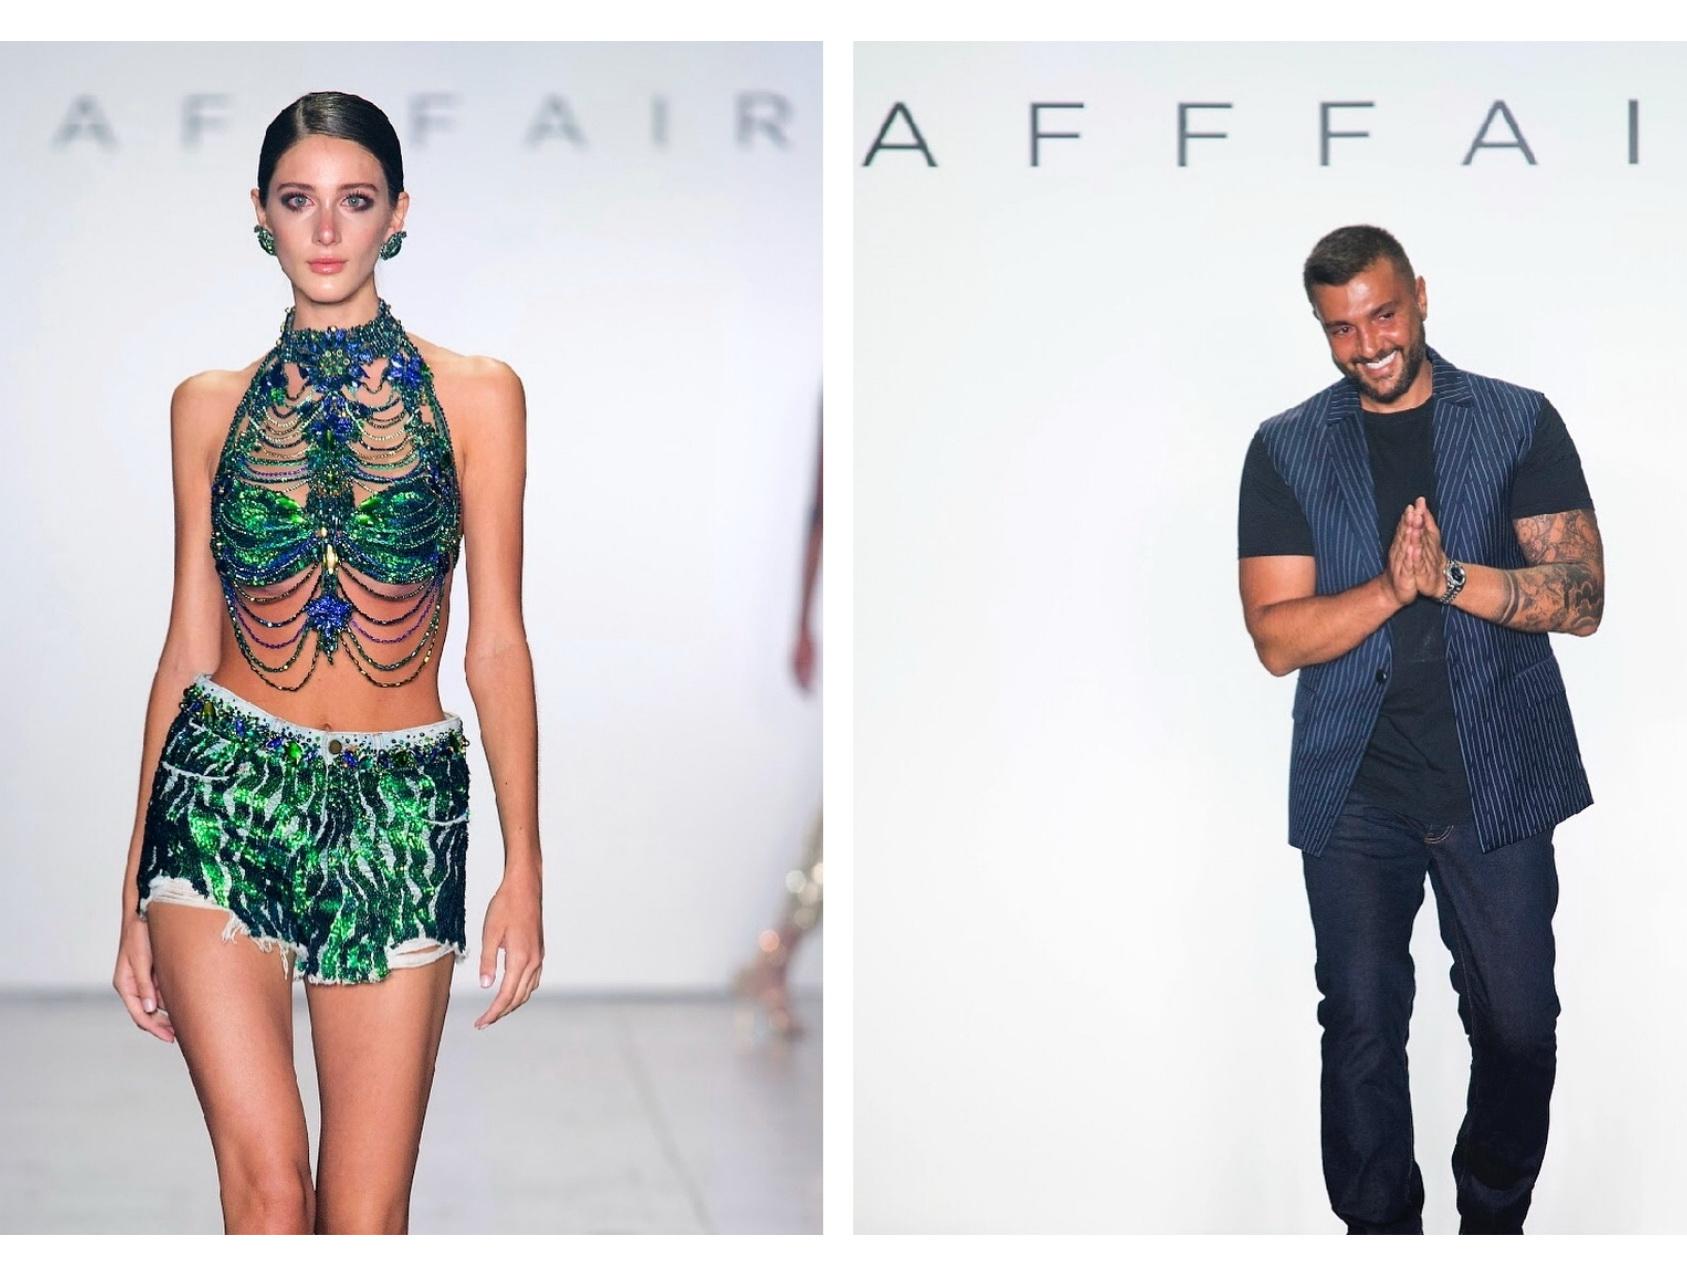 Руфат Исмаил представил коллекцию на Нью-Йоркской Неделе моды - ФОТО – ВИДЕО